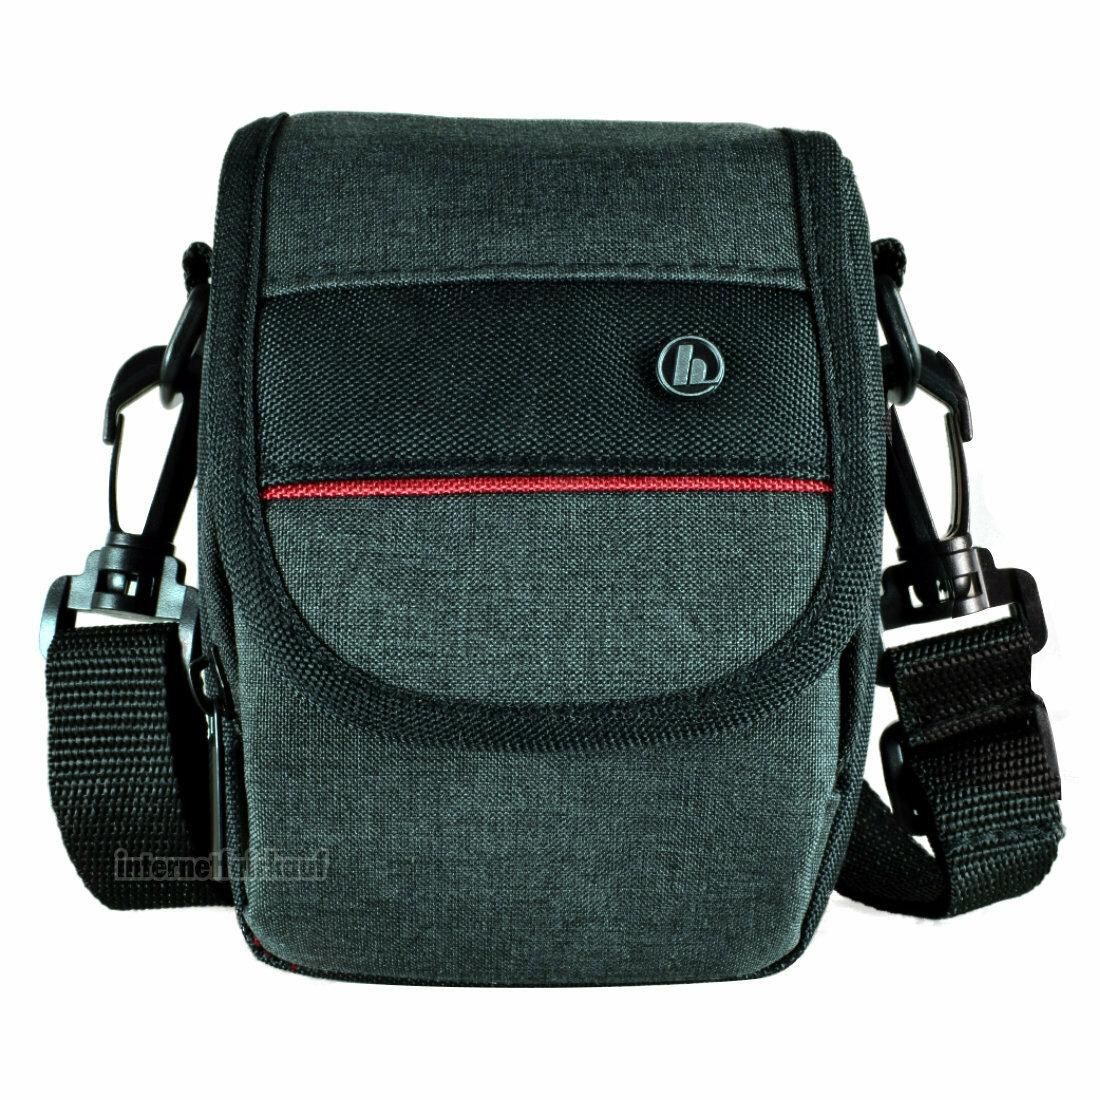 Kameratasche Fototasche passend für Leica D-Lux 7